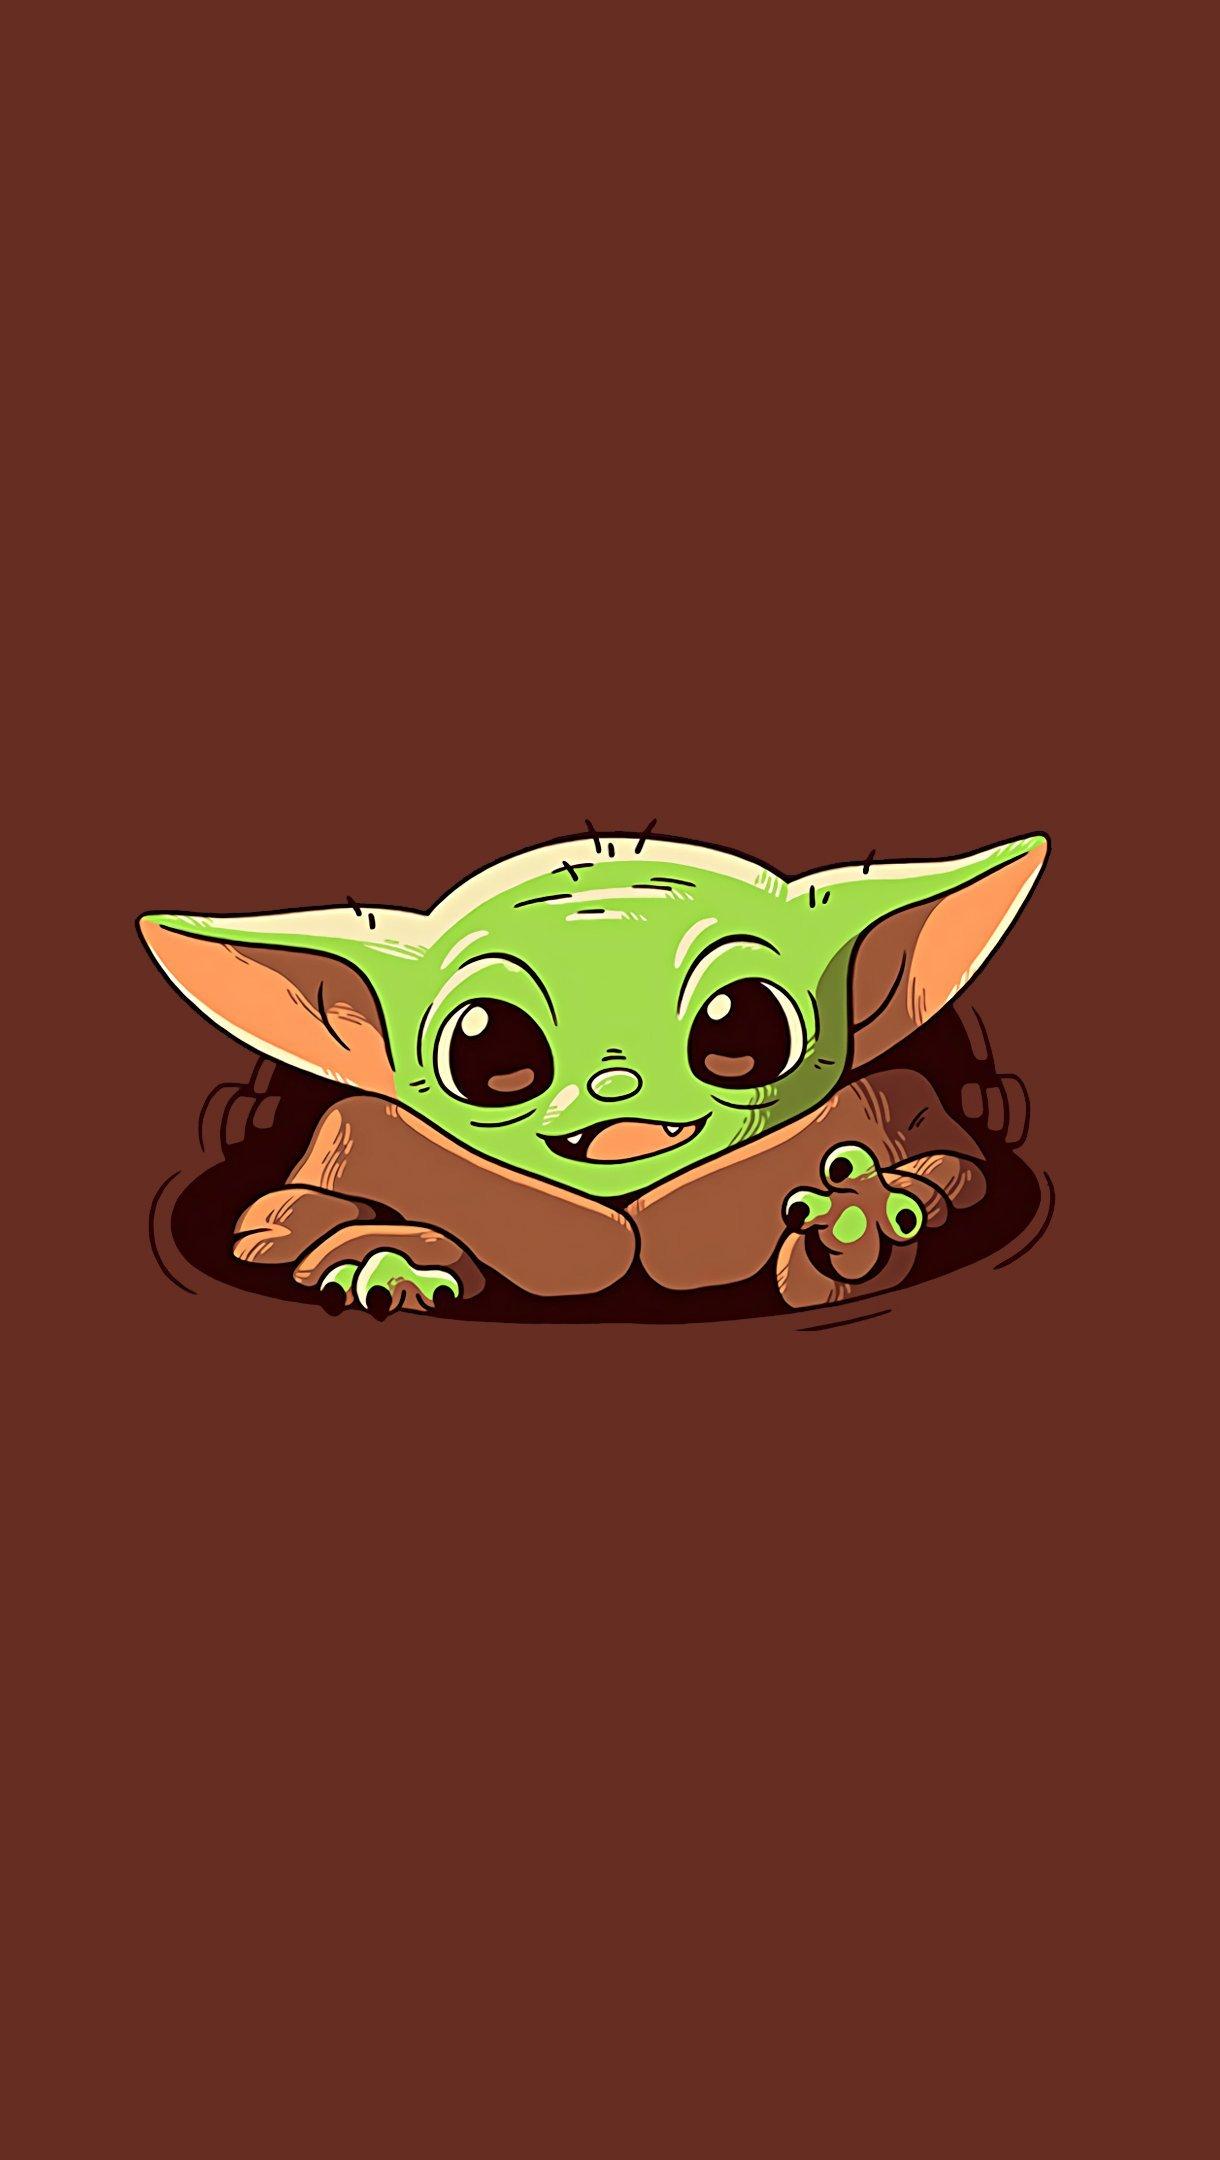 Fondos de pantalla Baby Yoda El Mandaloriano Vertical